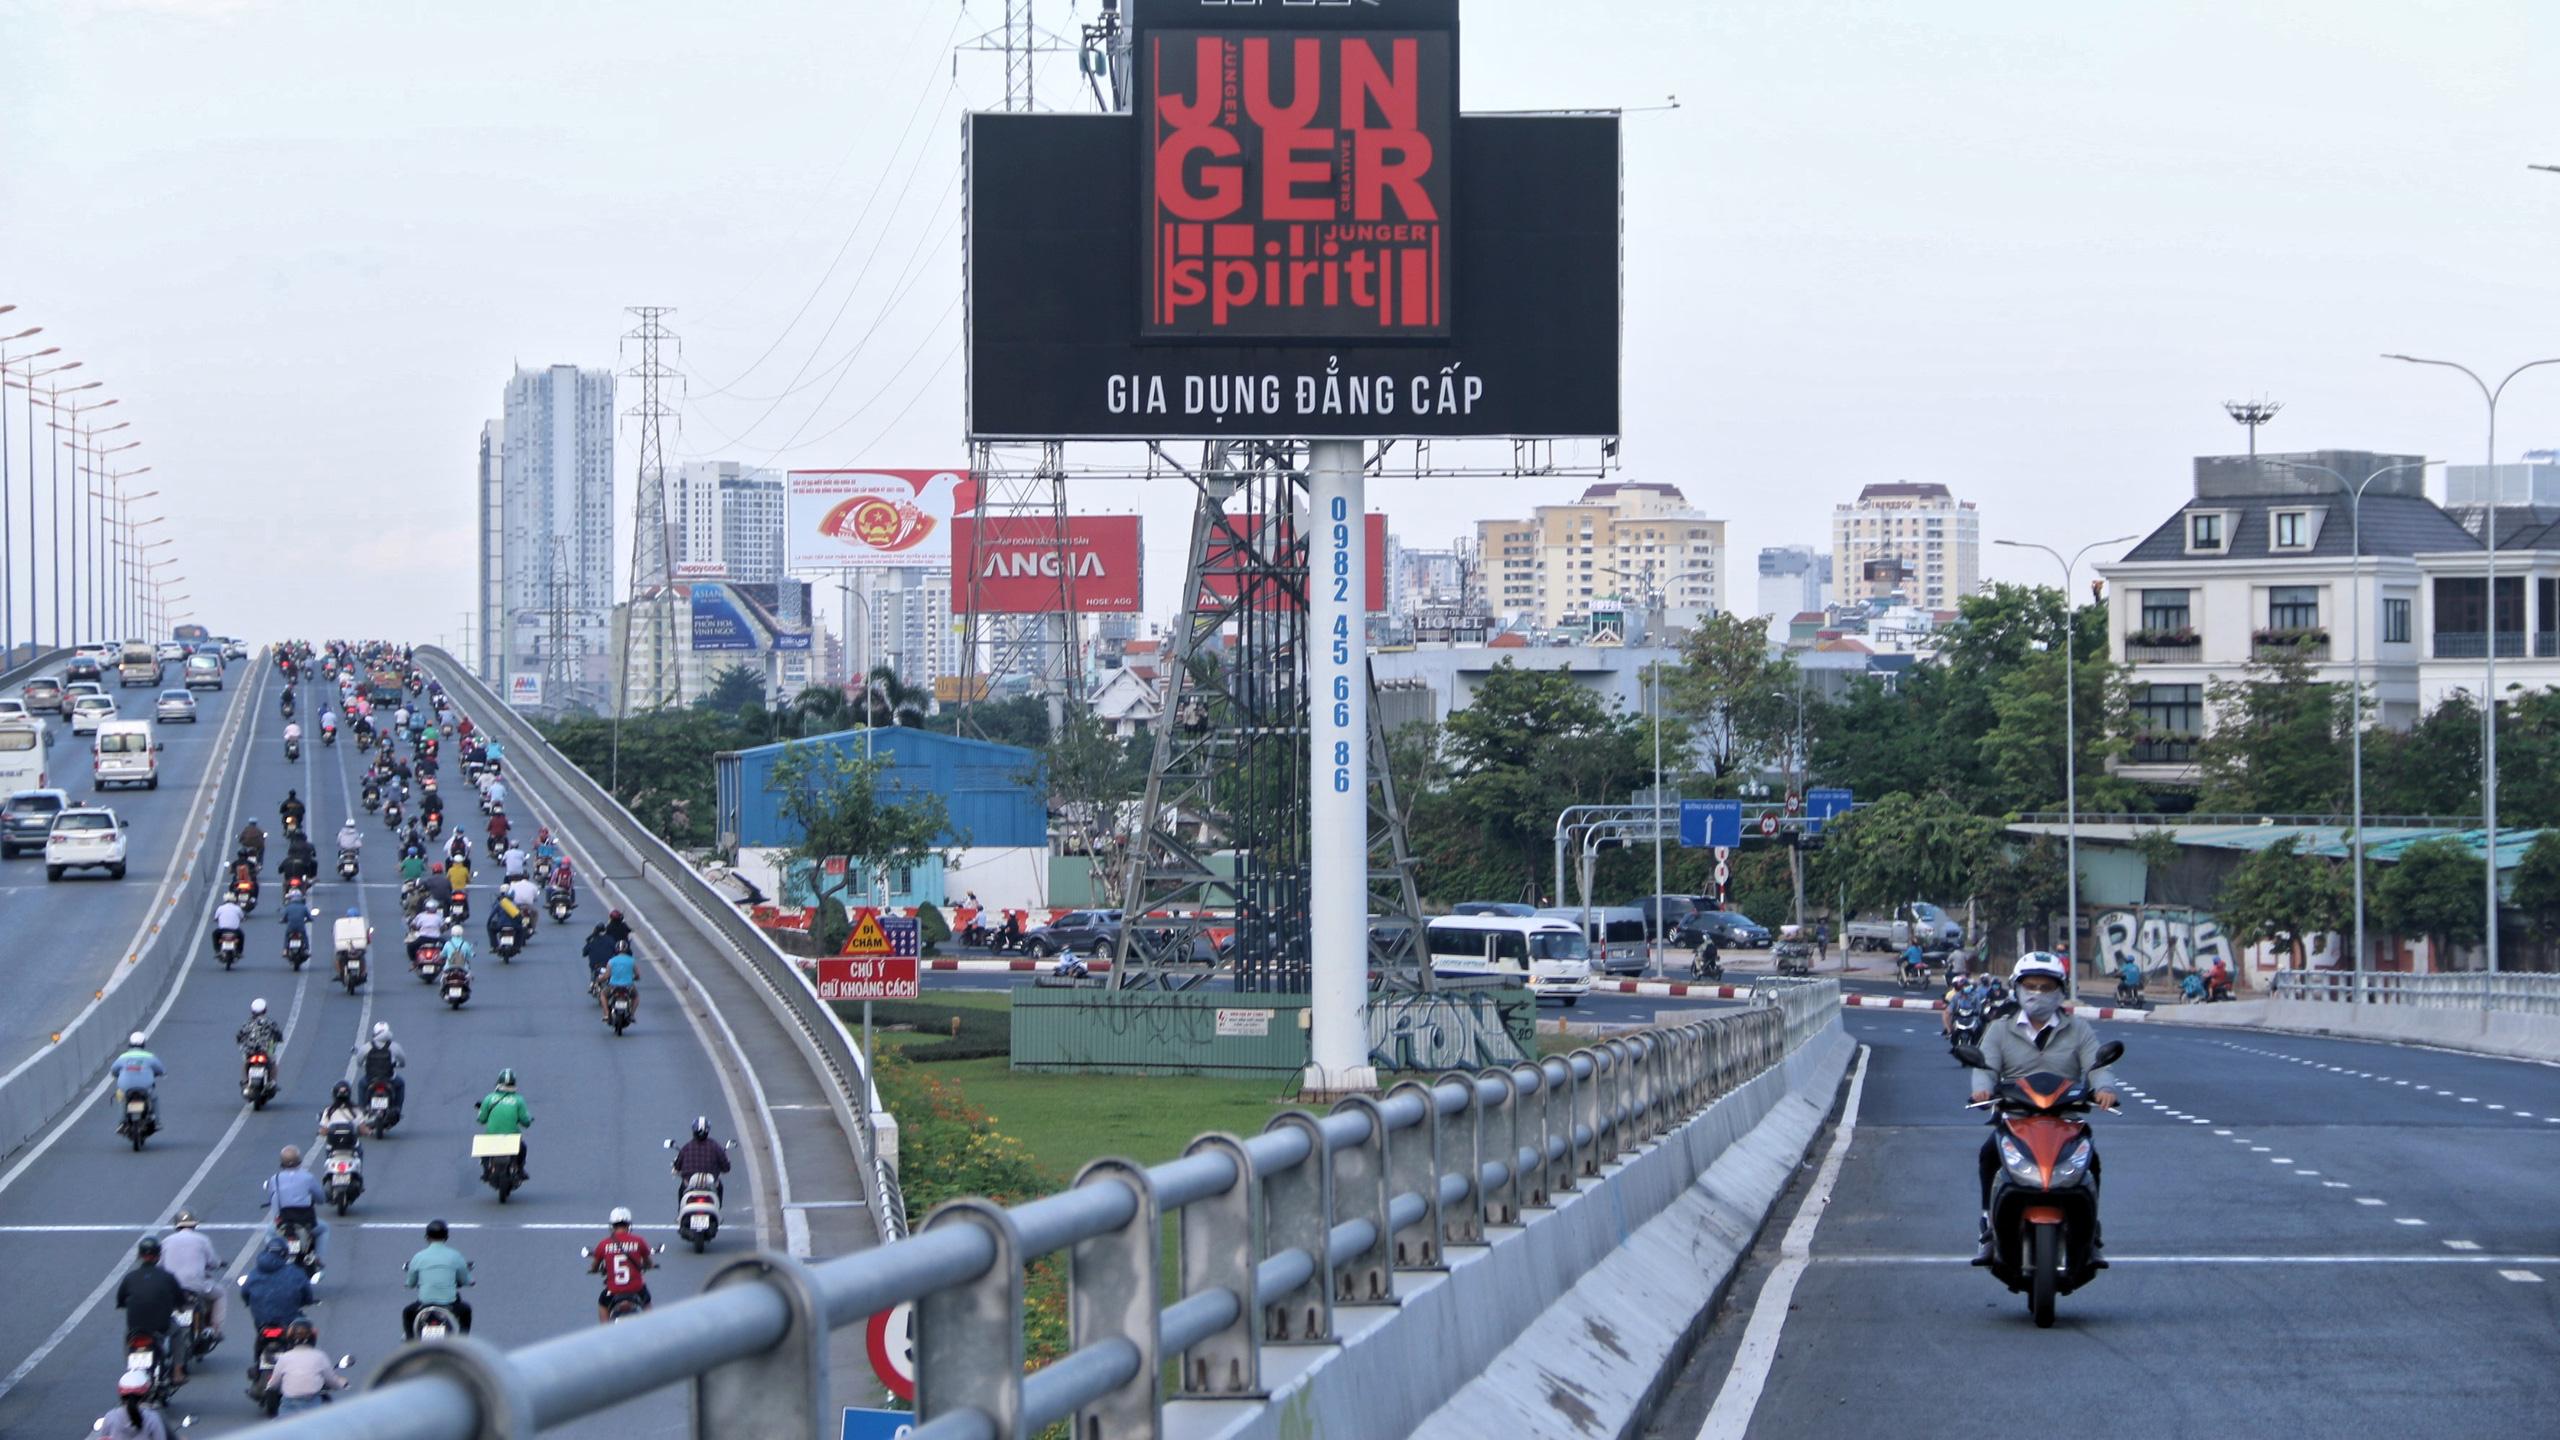 Trung tâm Sài Gòn thoáng đãng sau khi thông tuyến đường Nguyễn Hữu Cảnh và Lê Lợi - Ảnh 5.